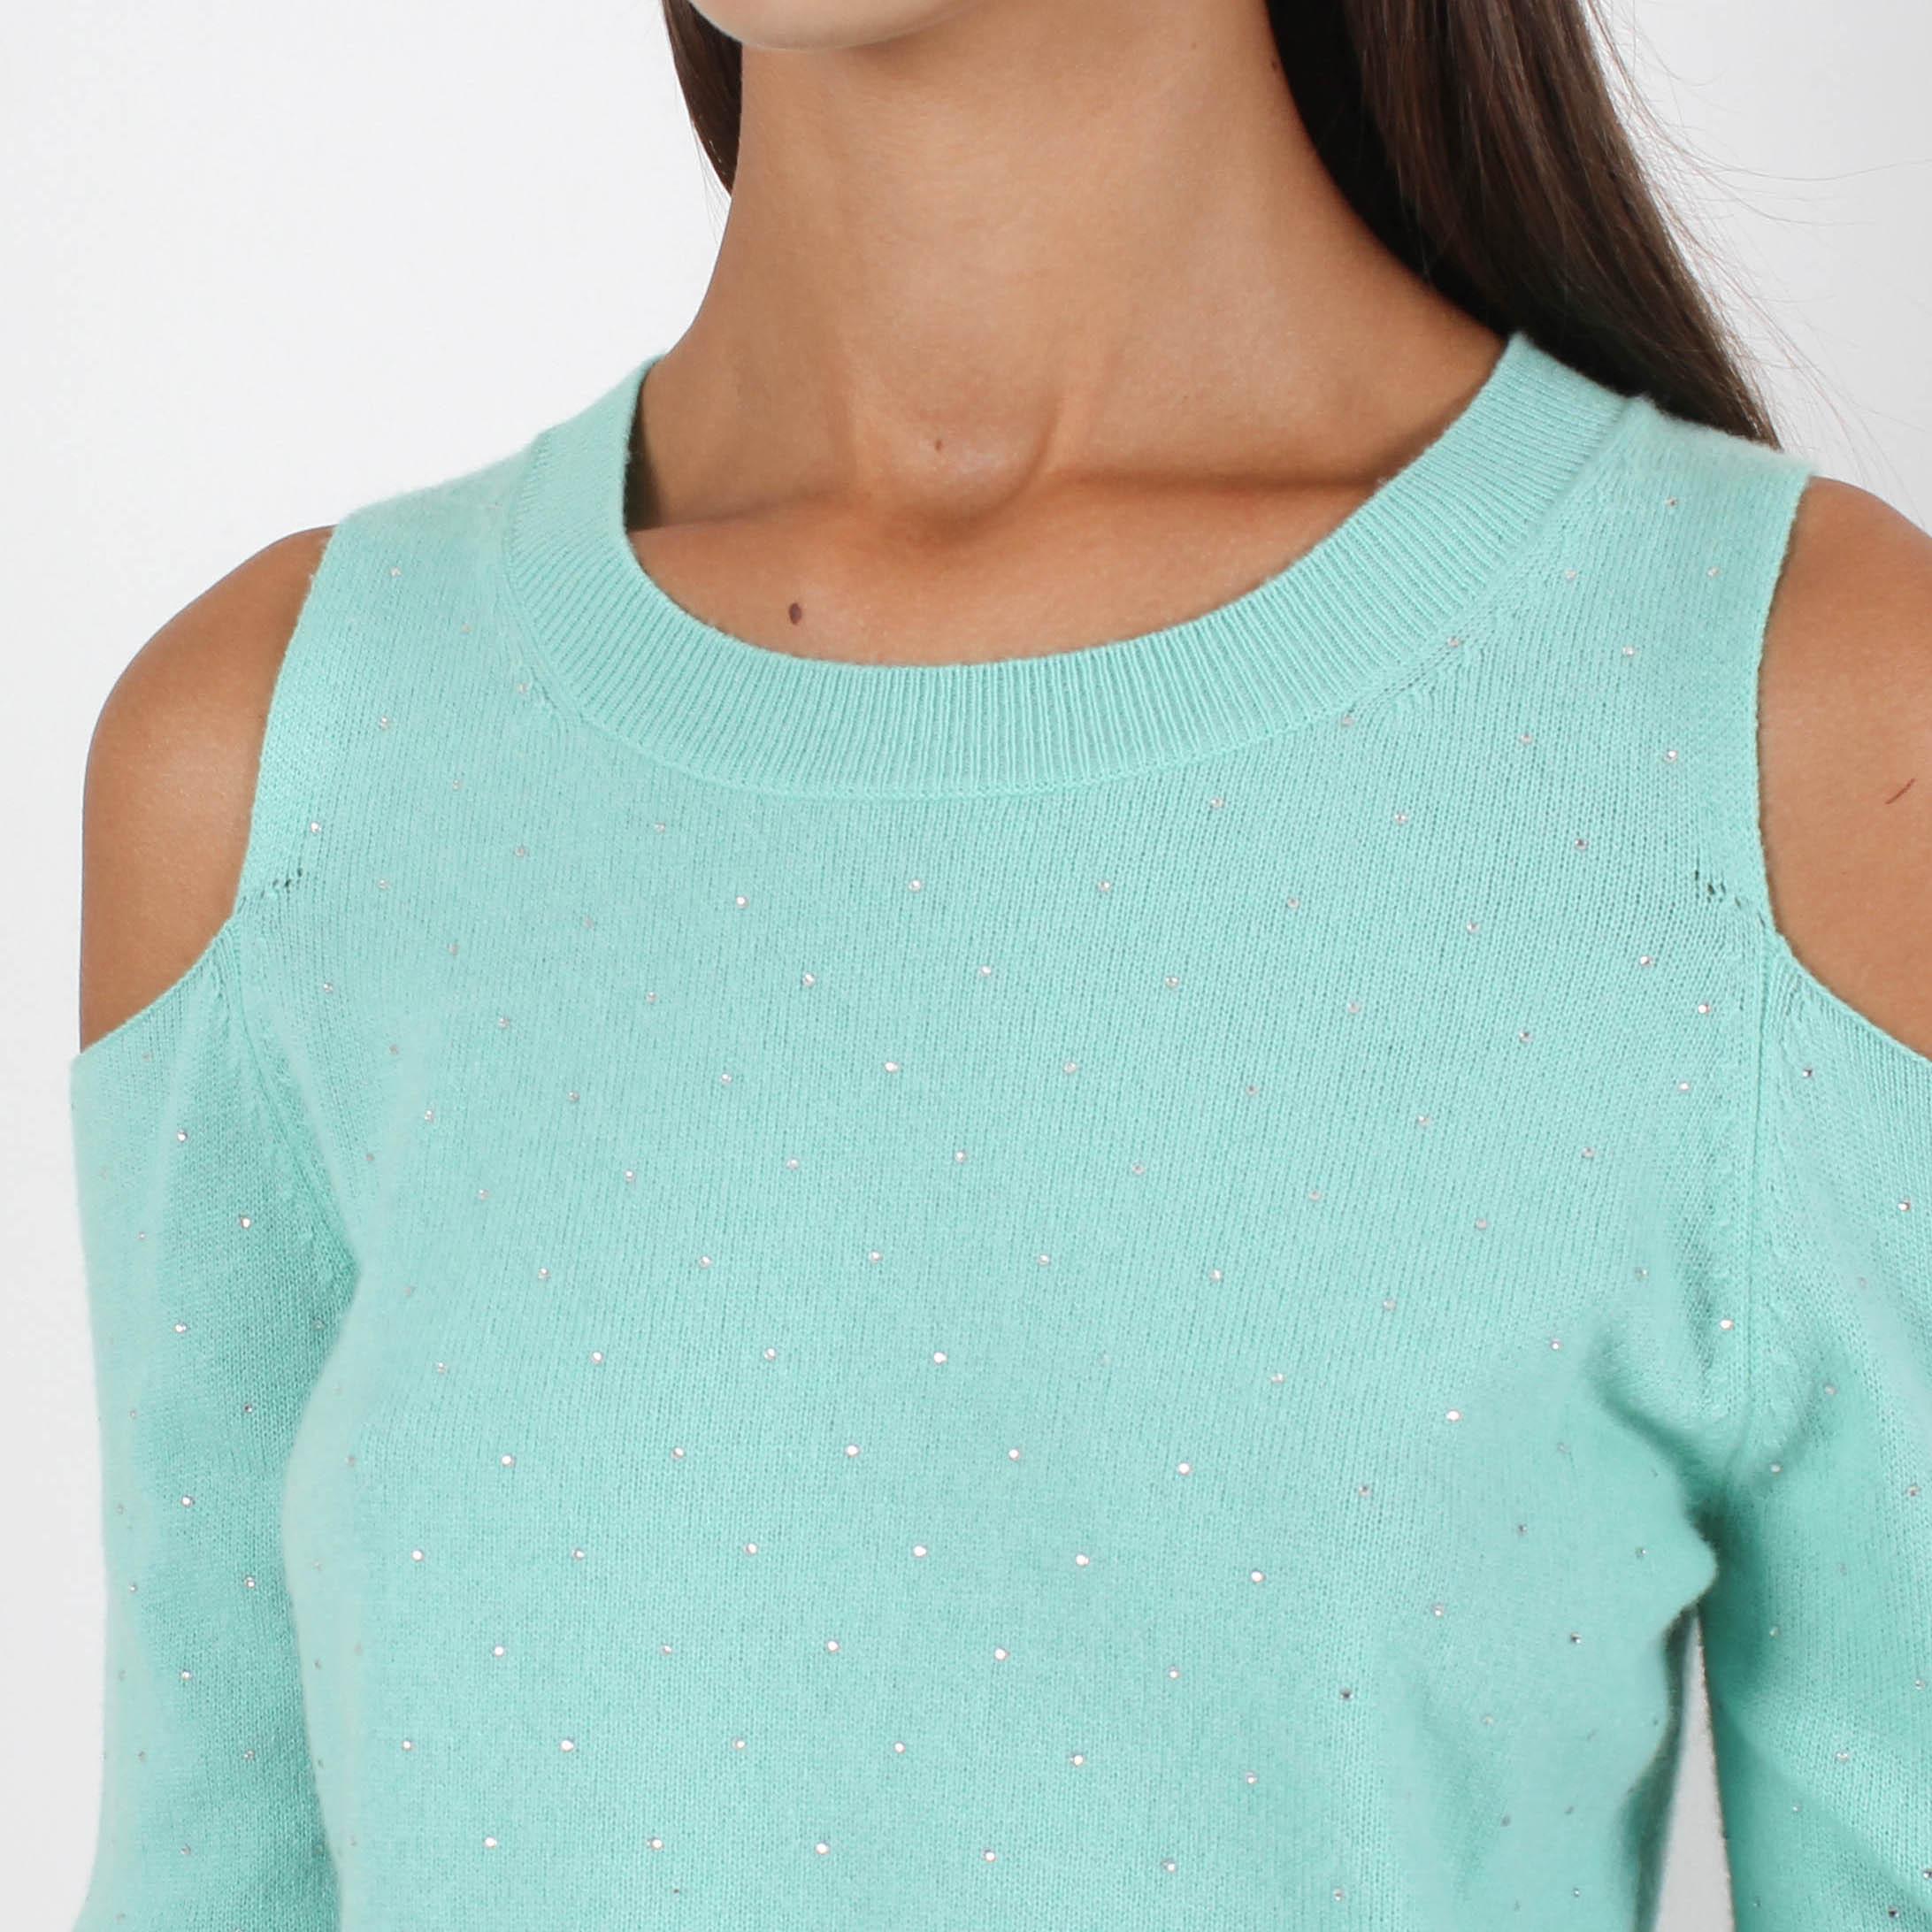 Шерстяной джемпер Allude мятного цвета с открытыми плечами